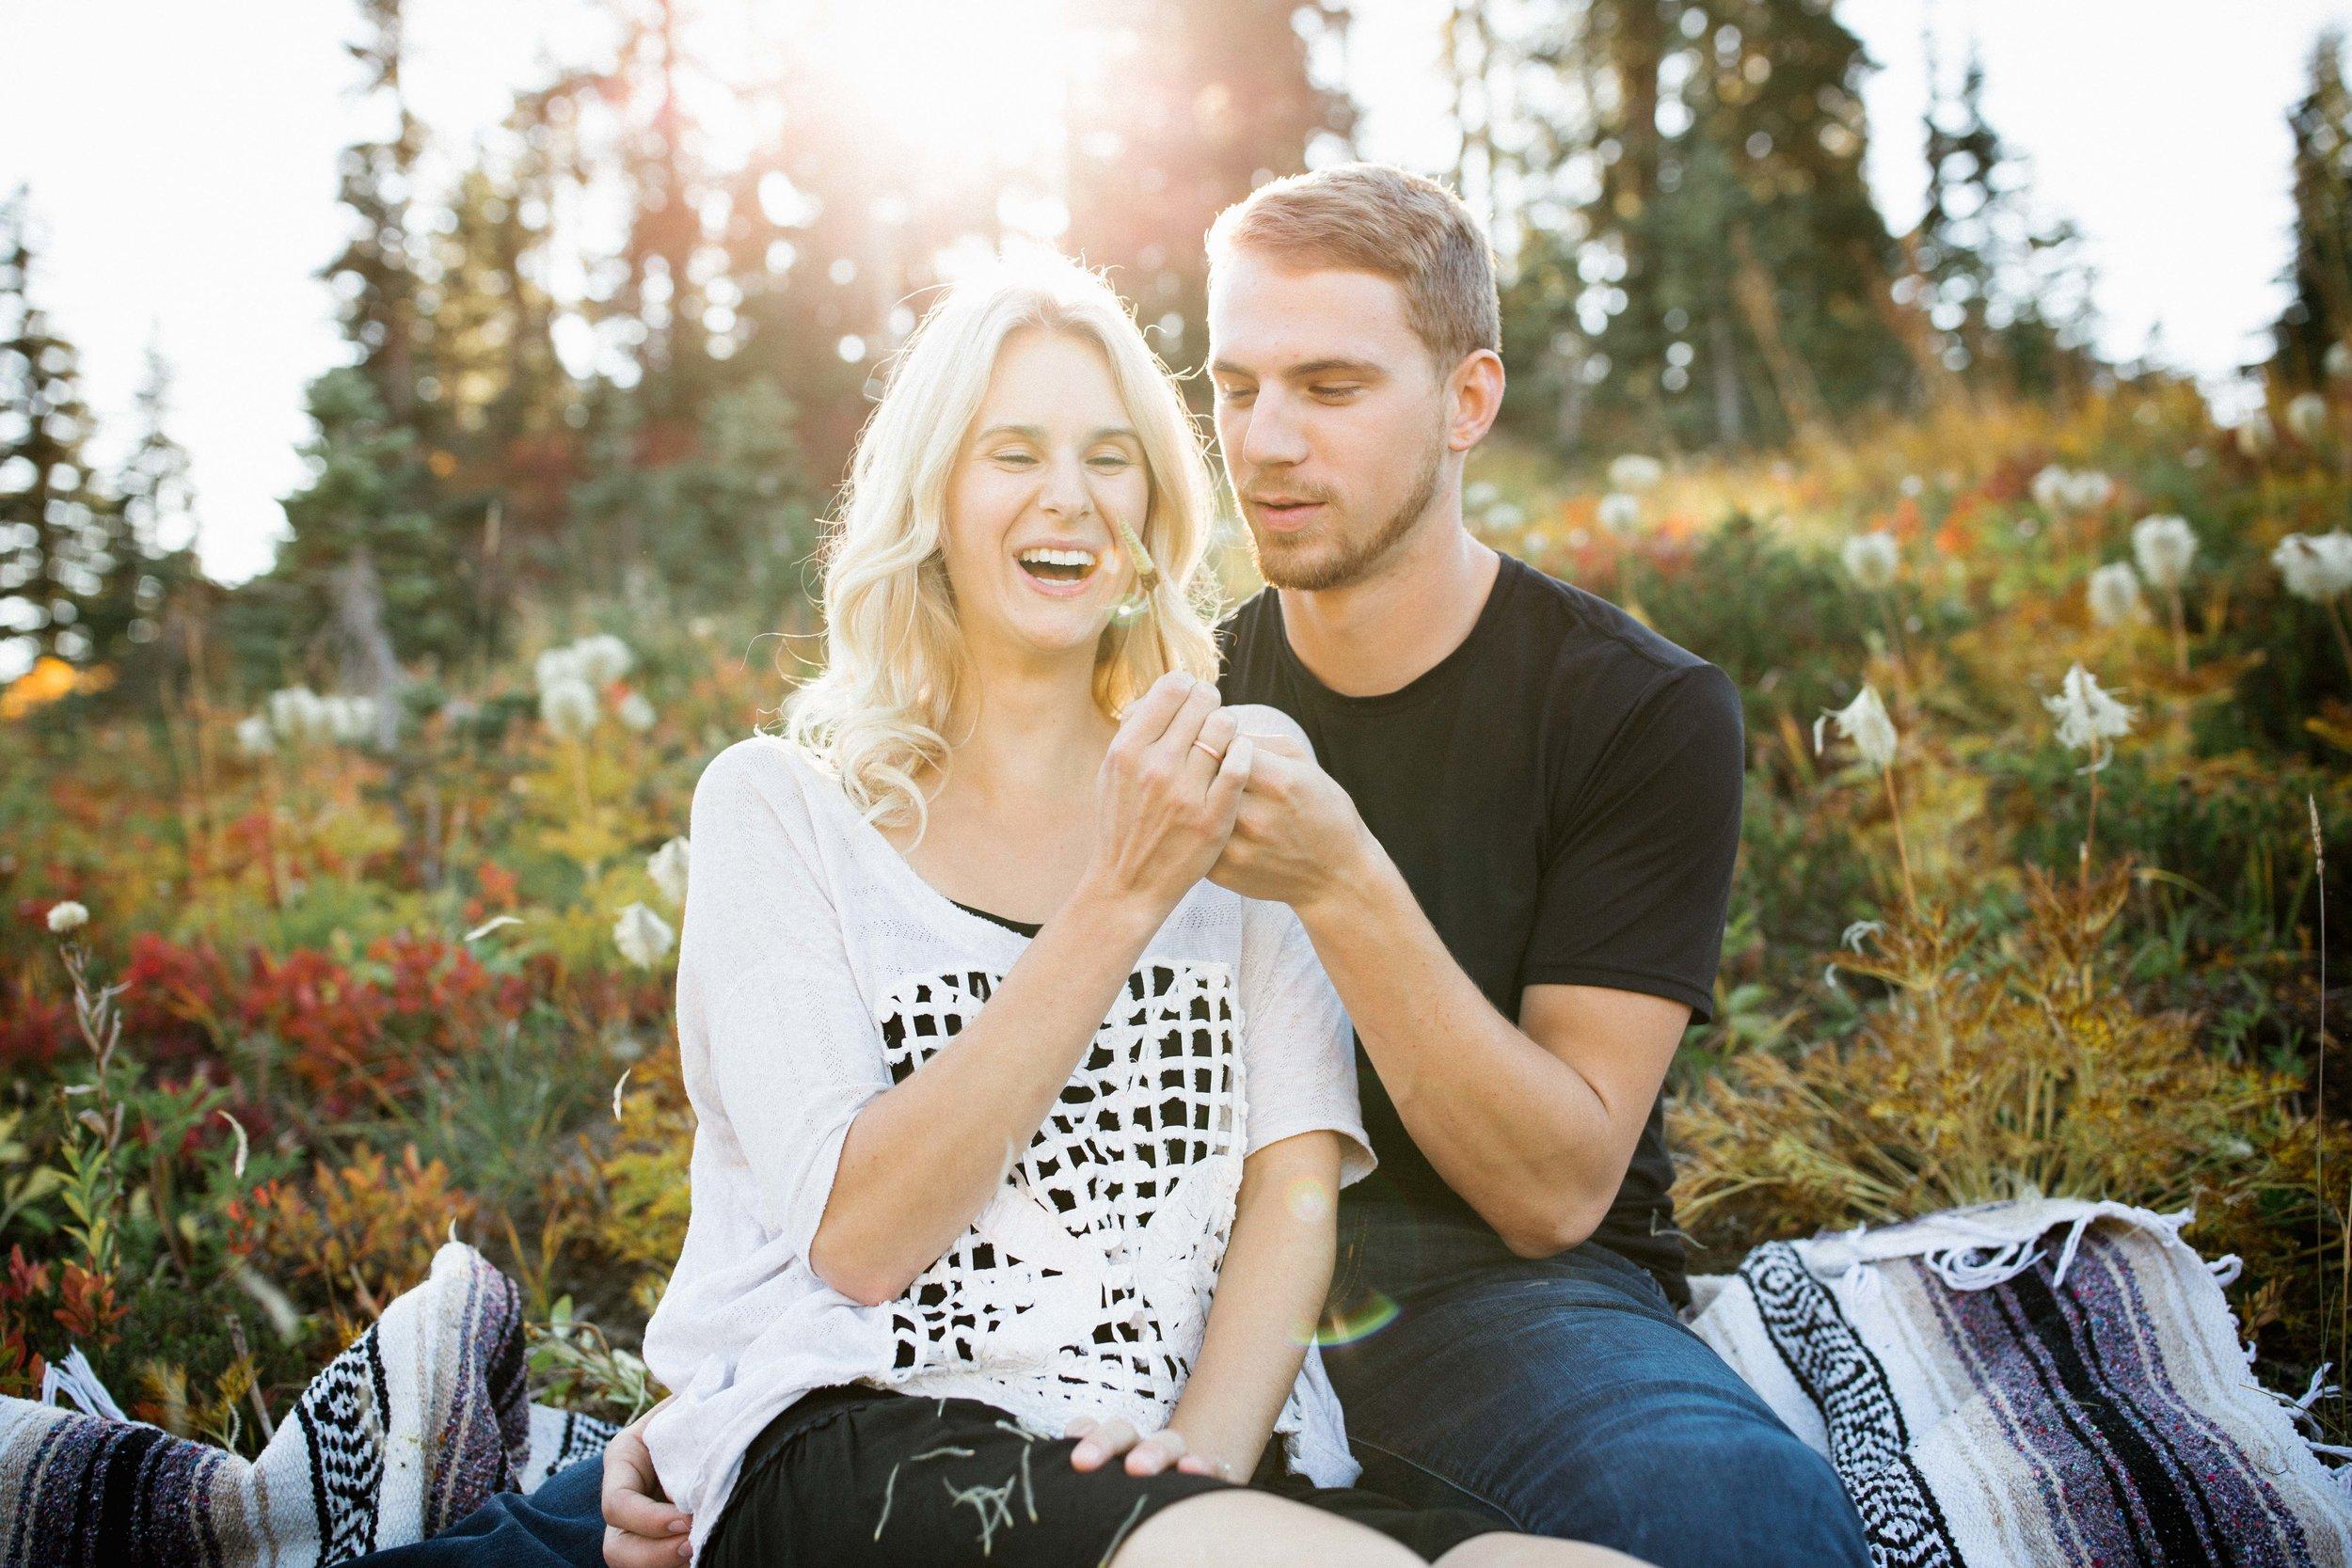 Alexis&Kyle-Engaged!BLOG-55.jpg